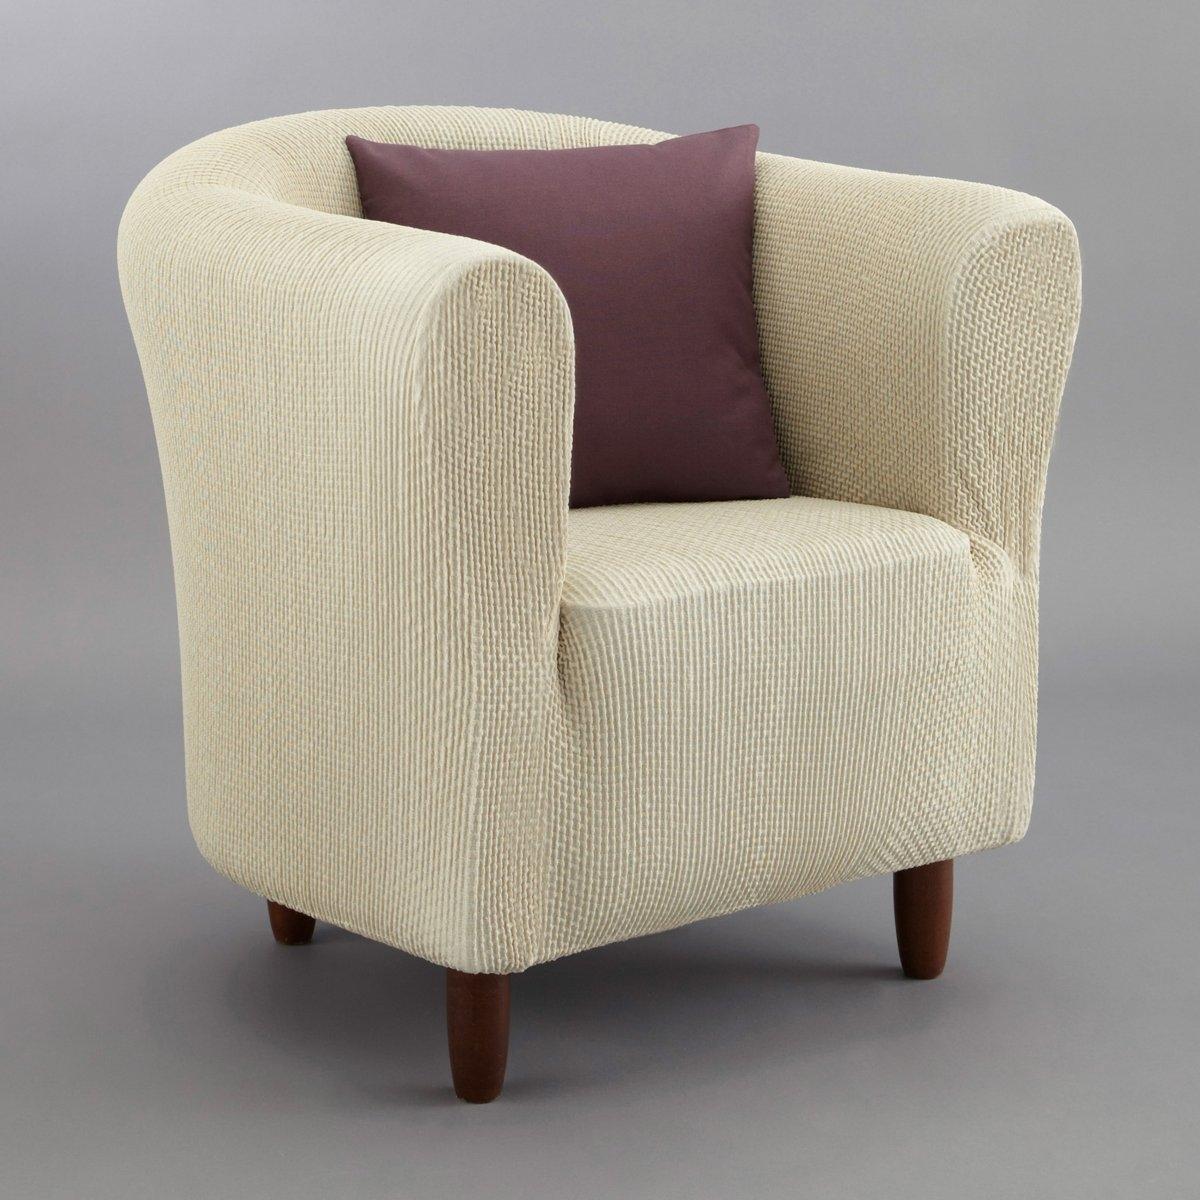 Чехол для креслаИз эластичной гофрированной ткани, 55% хлопка, 40% полиэстера, 5% эластана. Стирка при 30°. Эластичный низ.<br><br>Цвет: антрацит,красный,серо-бежевый,серо-коричневый каштан,экрю<br>Размер: единый размер